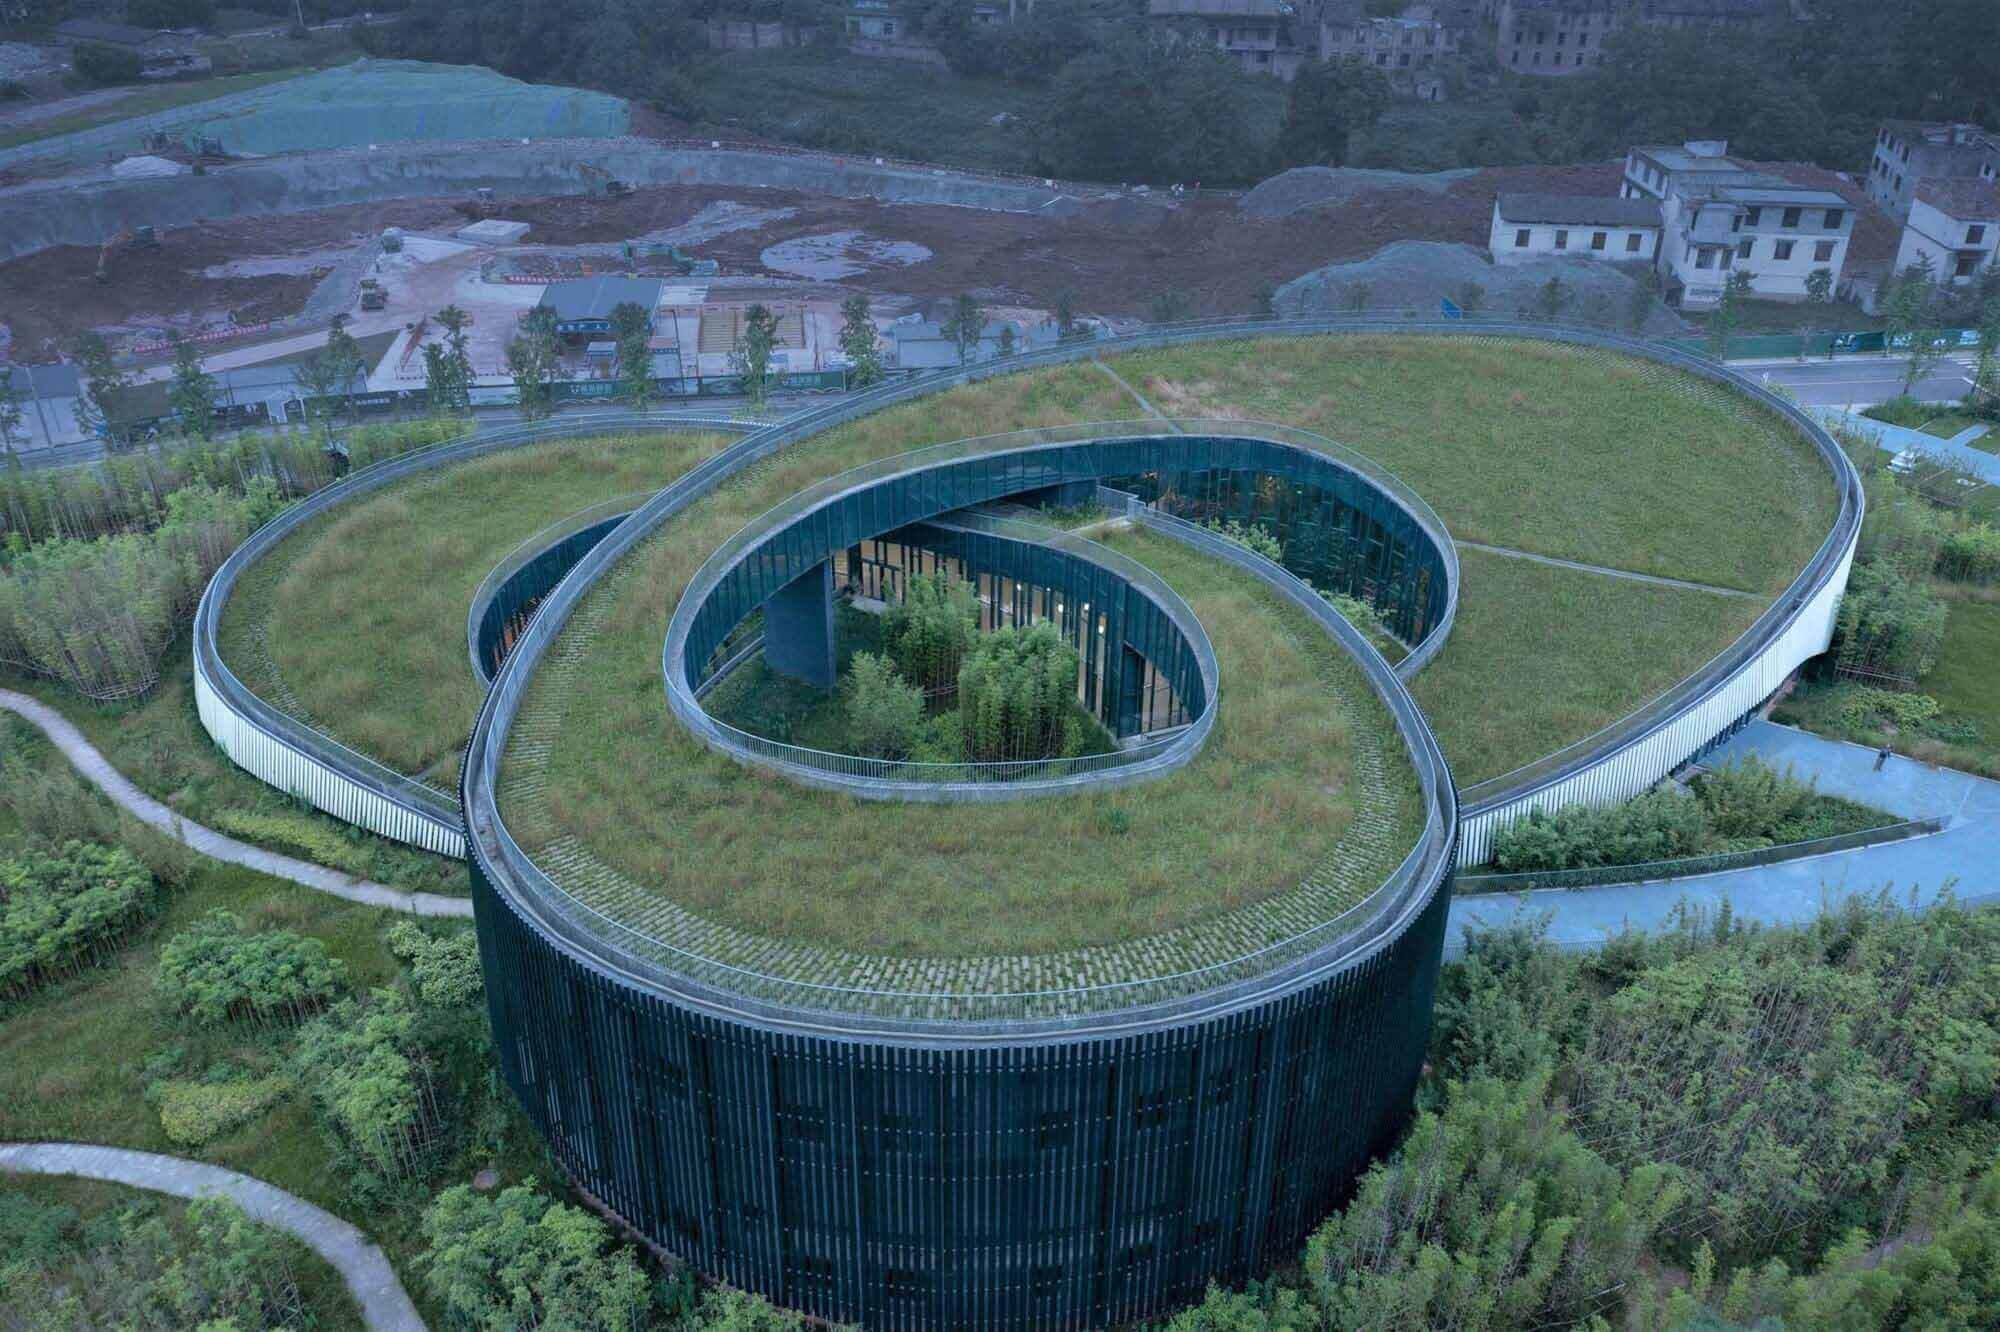 Национальный парк гигантской панды Научно-образовательный центр Яань / Институт проектирования и исследований архитектуры юго-запада Китая